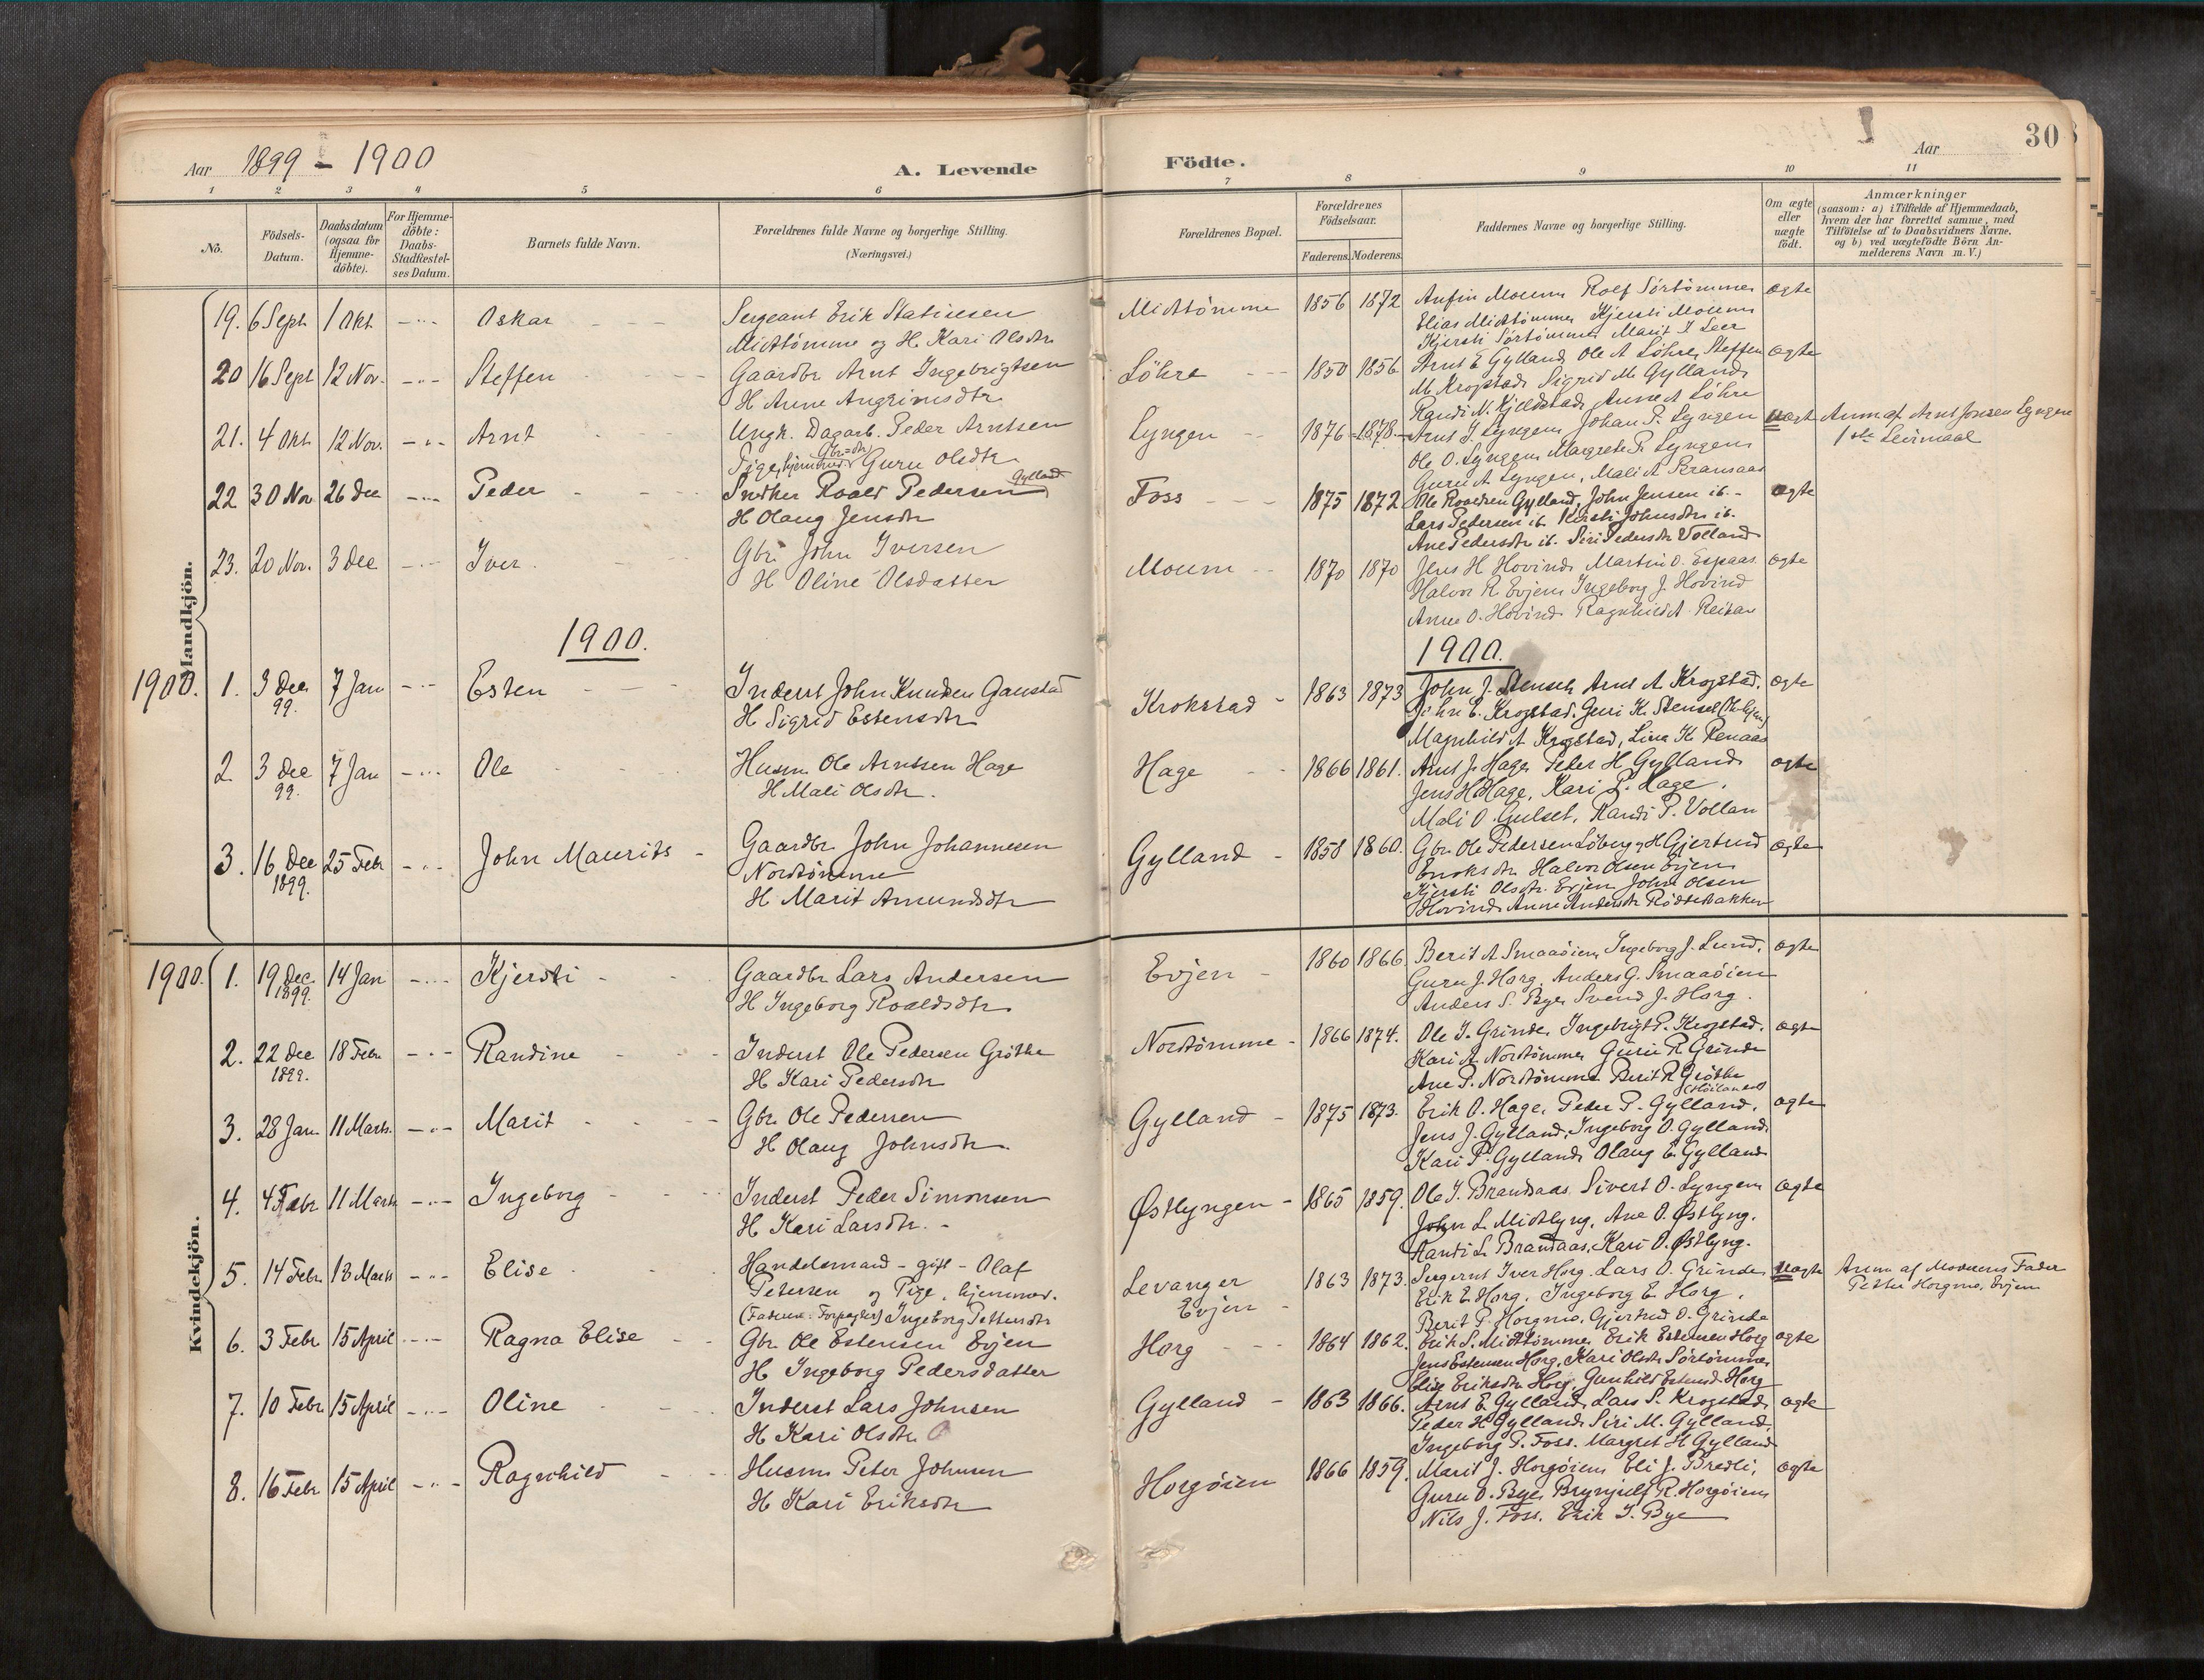 SAT, Ministerialprotokoller, klokkerbøker og fødselsregistre - Sør-Trøndelag, 692/L1105b: Ministerialbok nr. 692A06, 1891-1934, s. 30